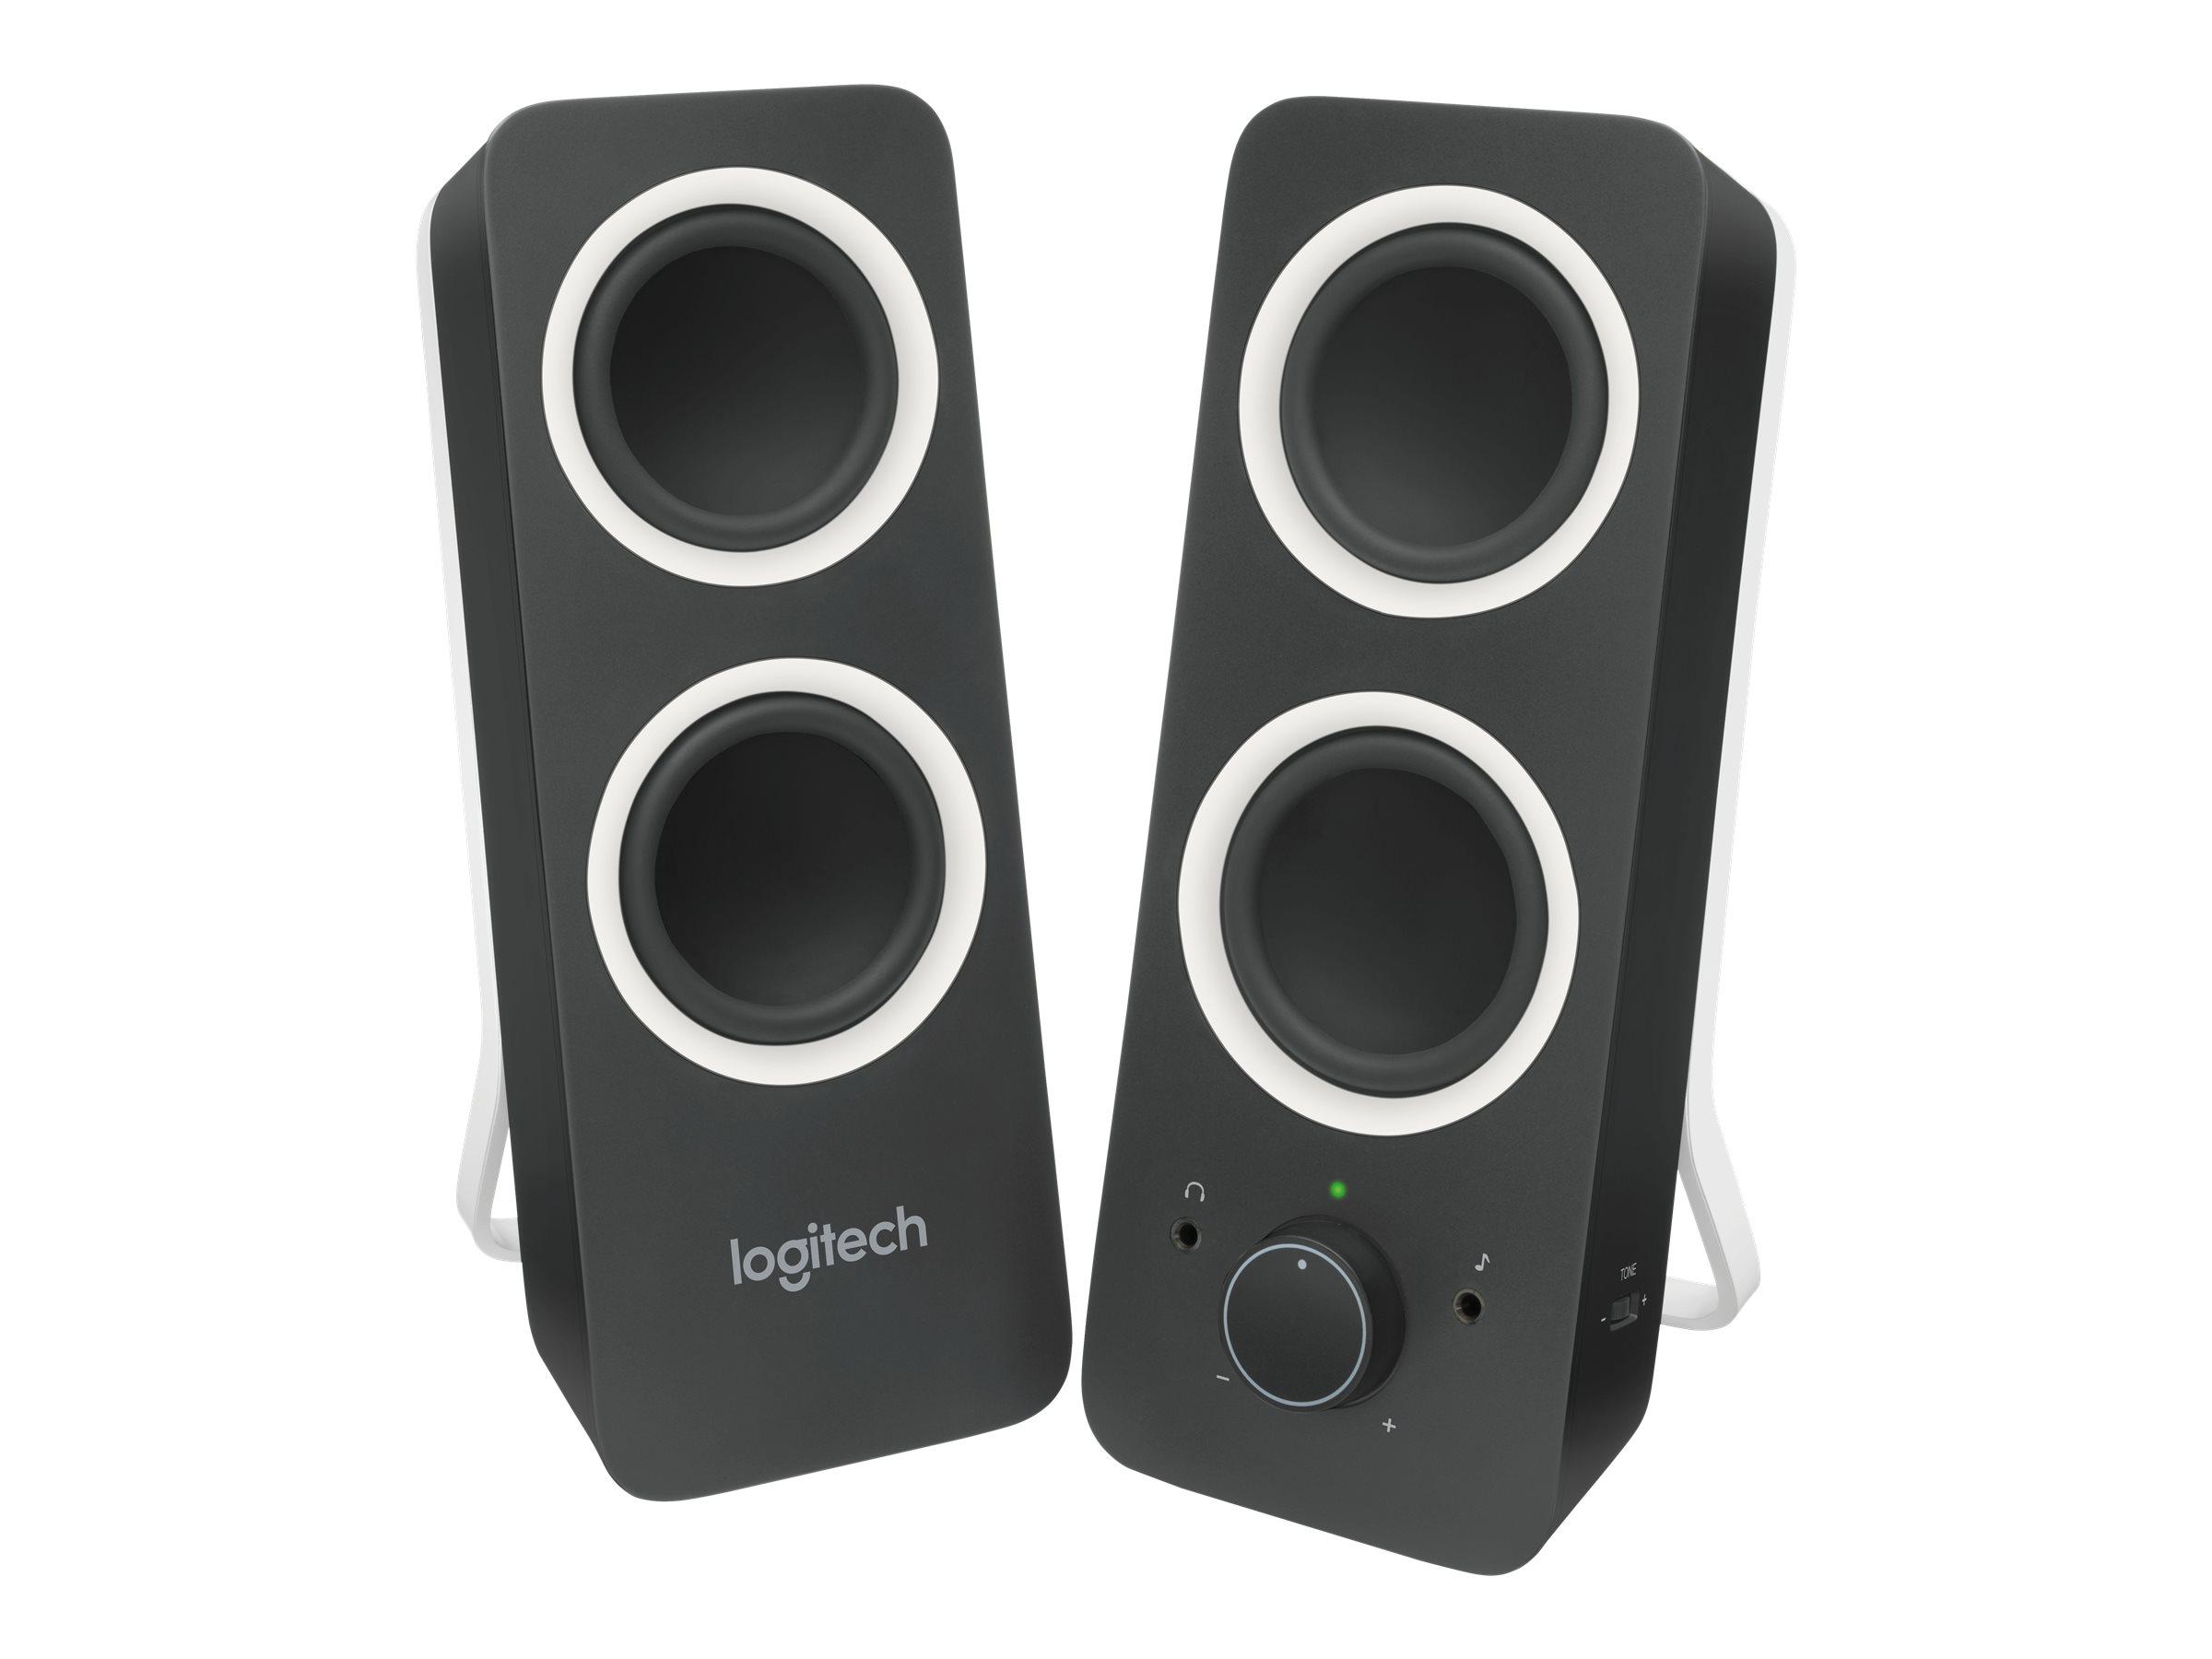 Logitech Z200 Stereo Speakers - speakers - for PC